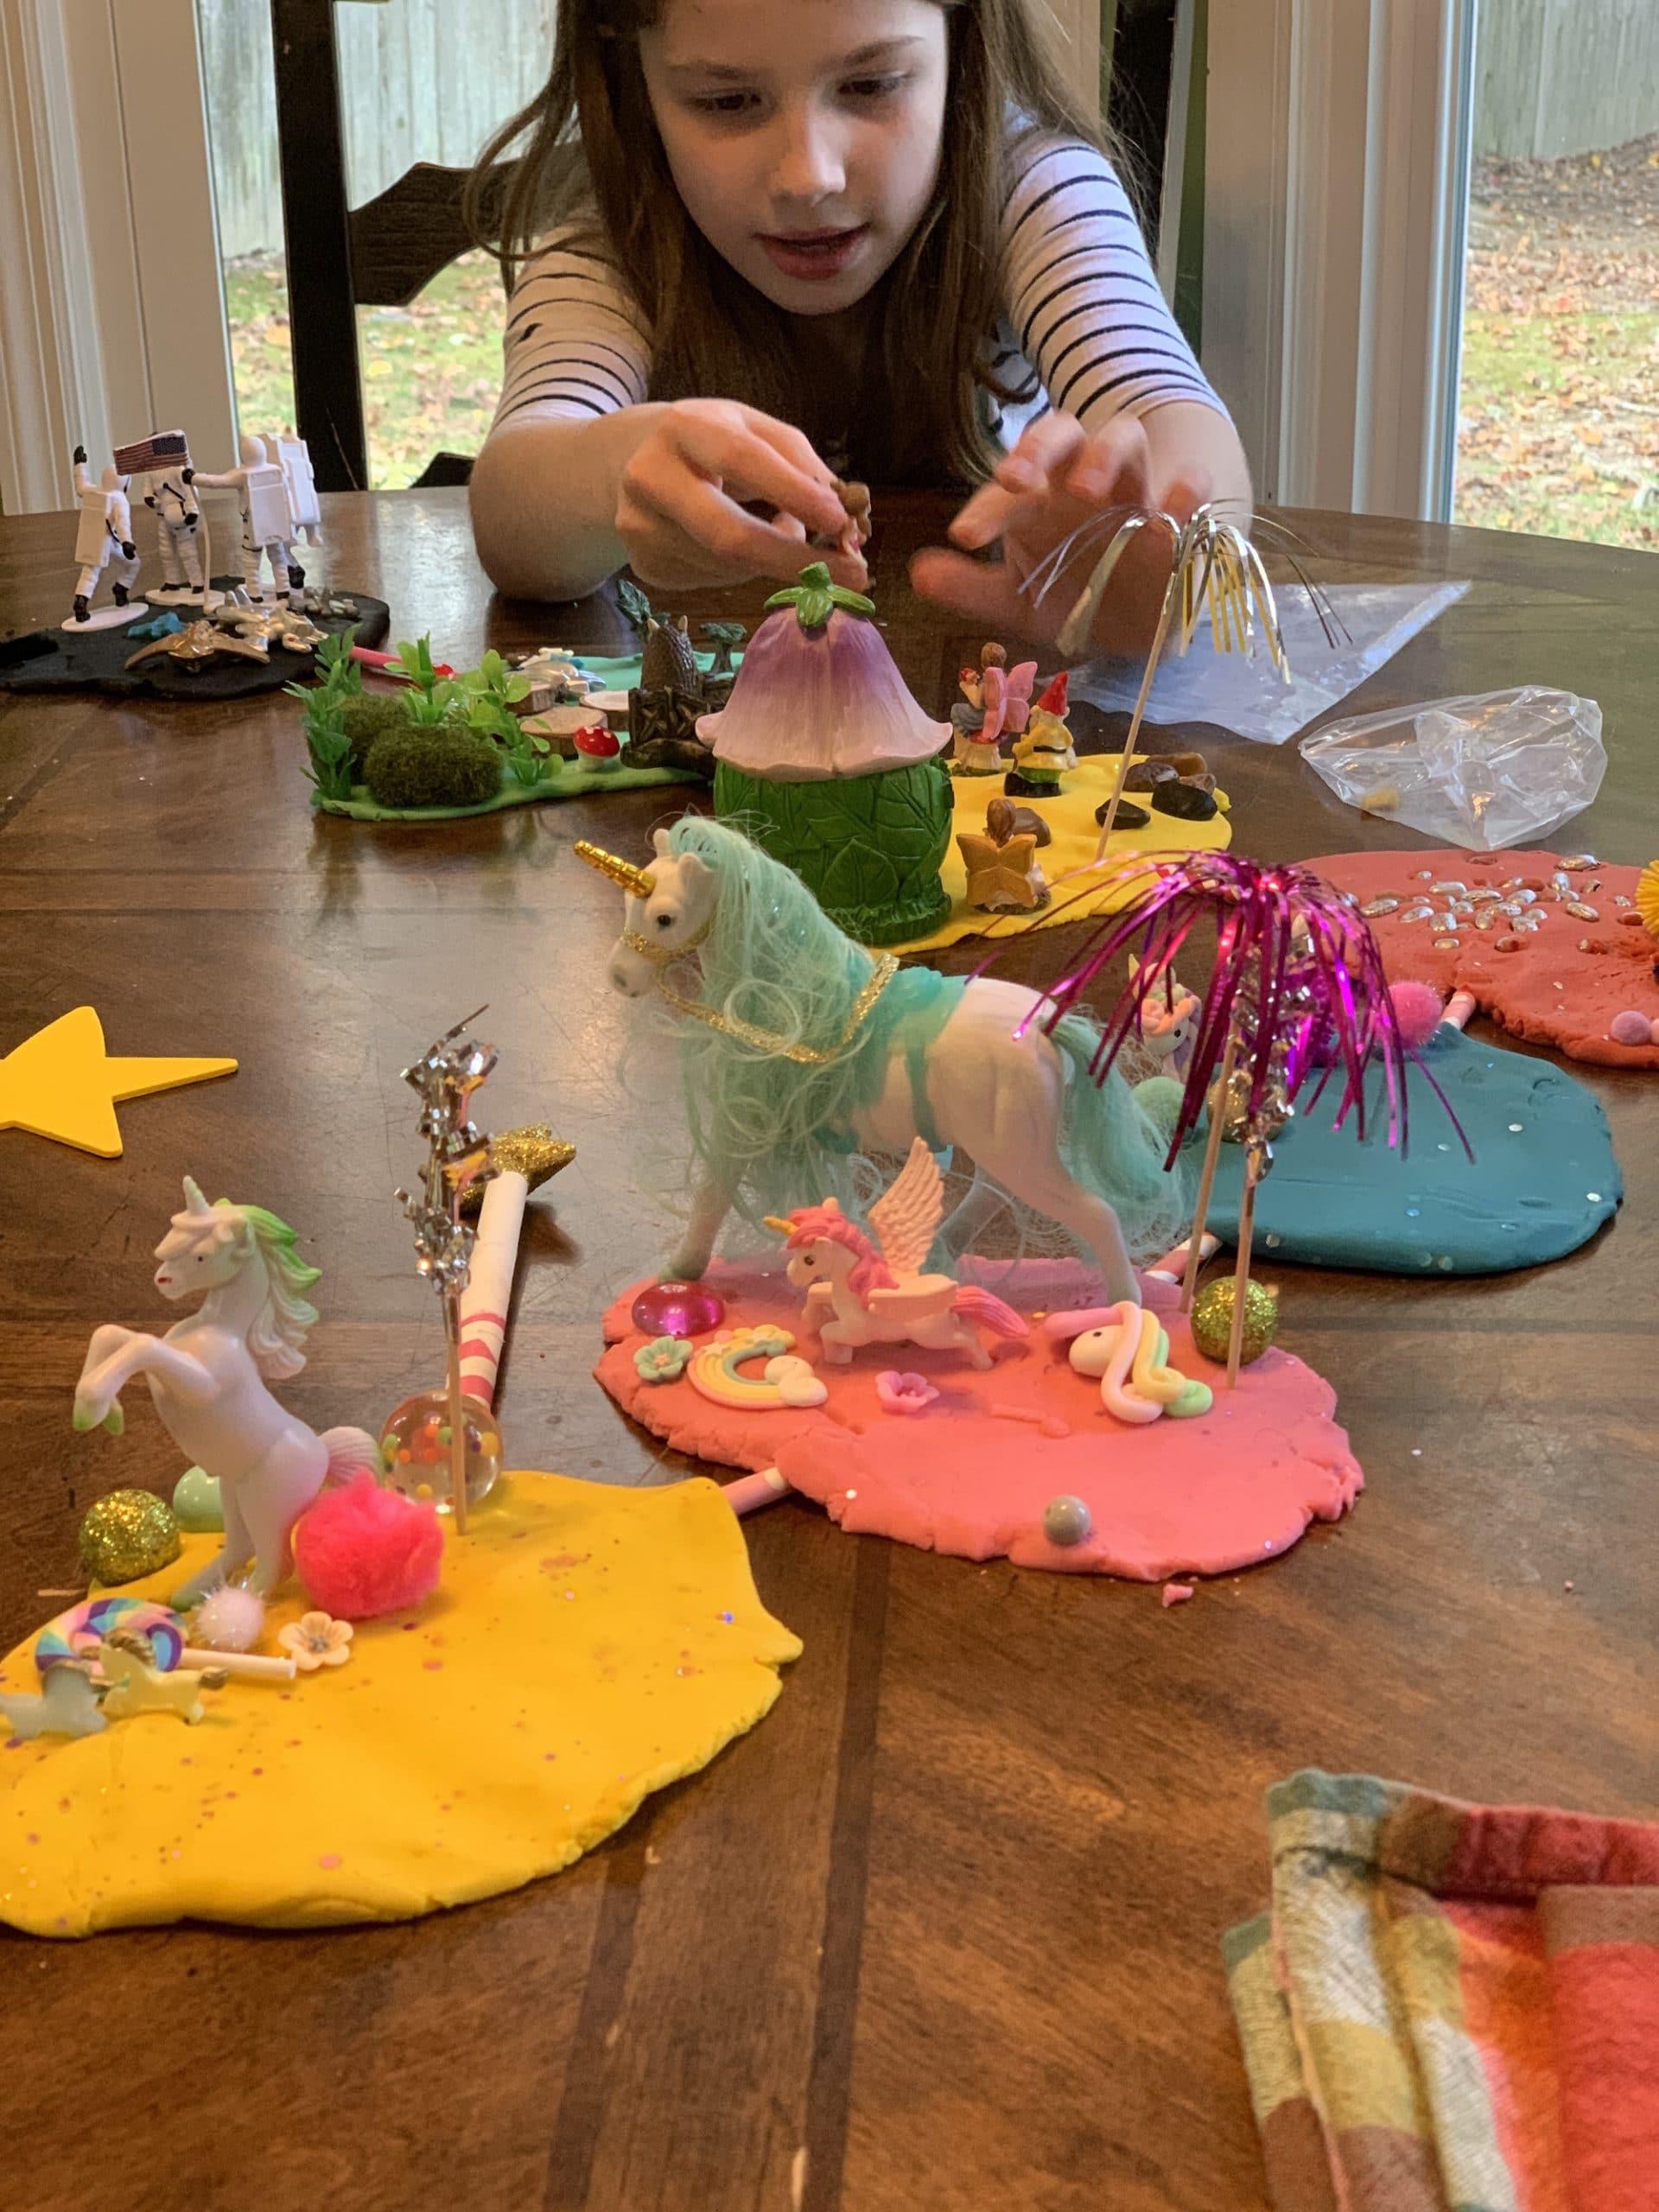 playing with busy box child sensory play kit unicorn kit mixed